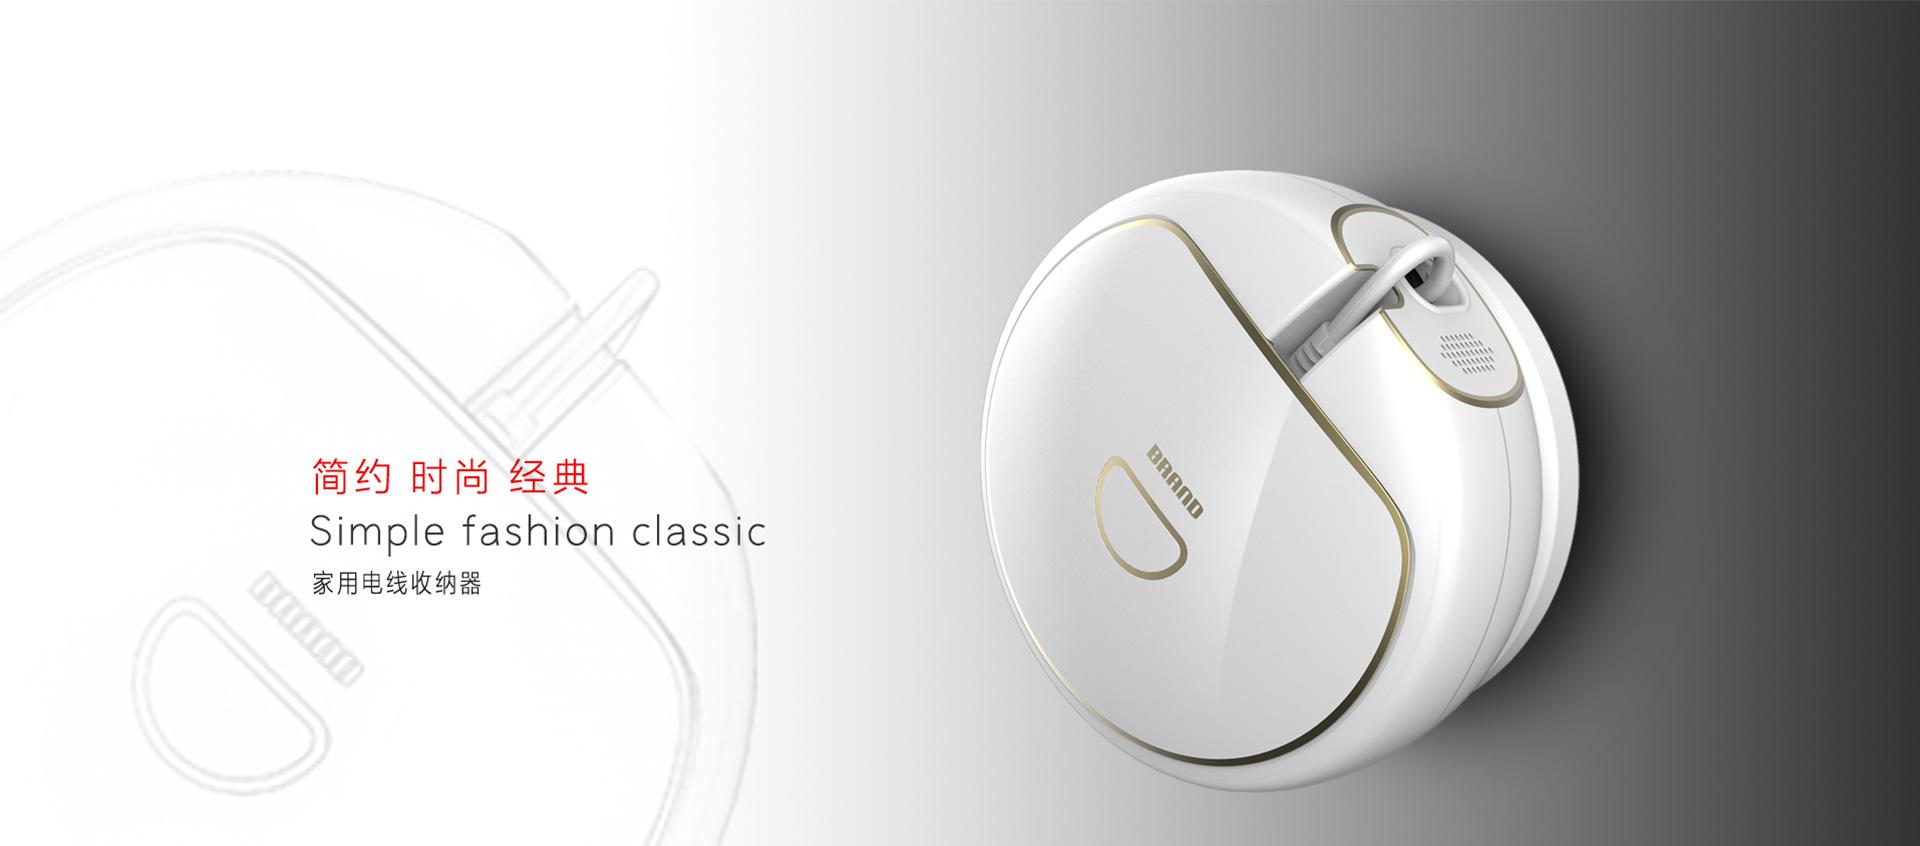 杭州工业设计公司